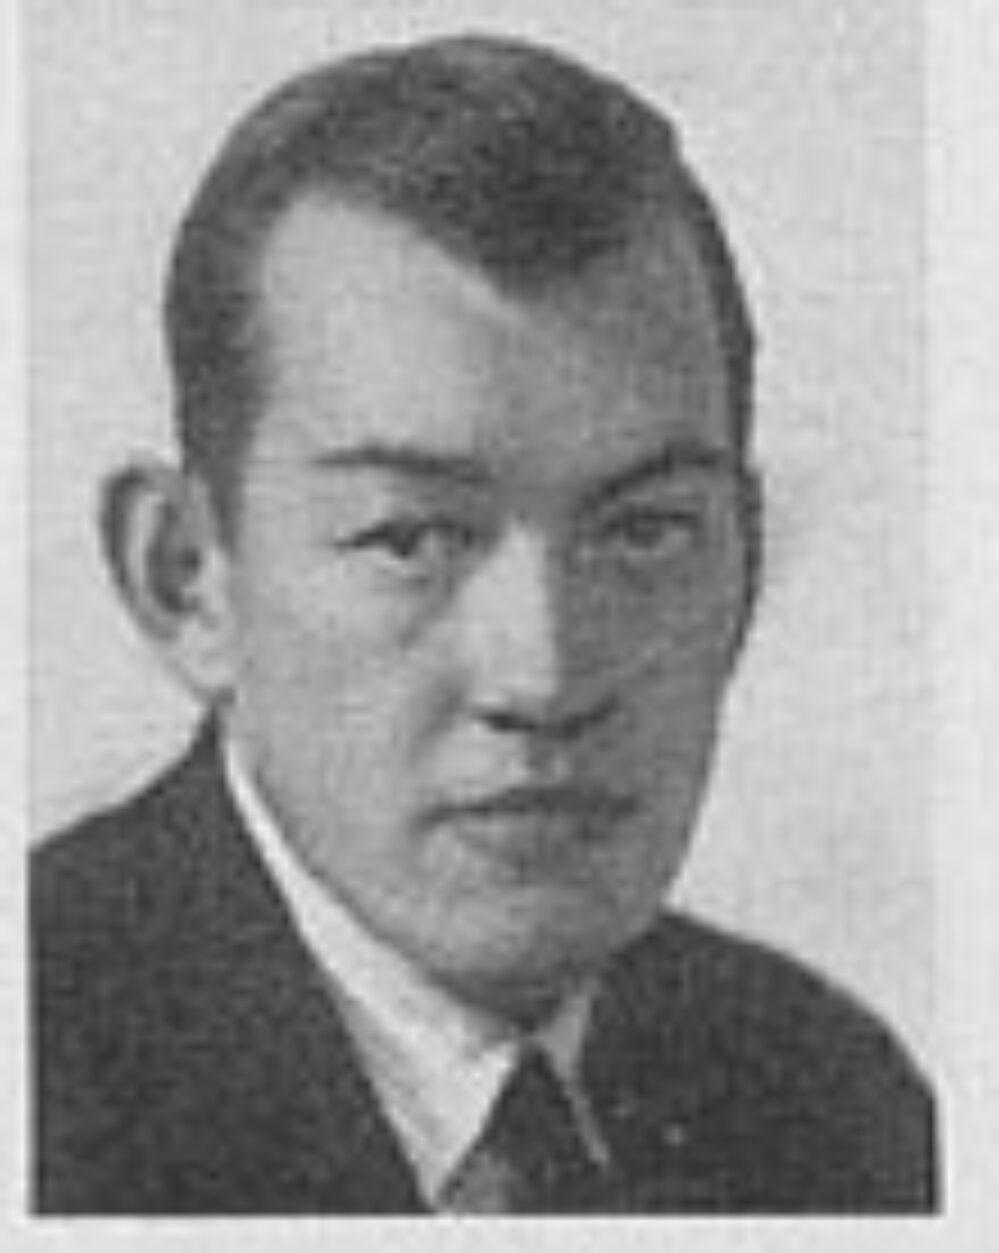 Oscar Holmboe Dahle